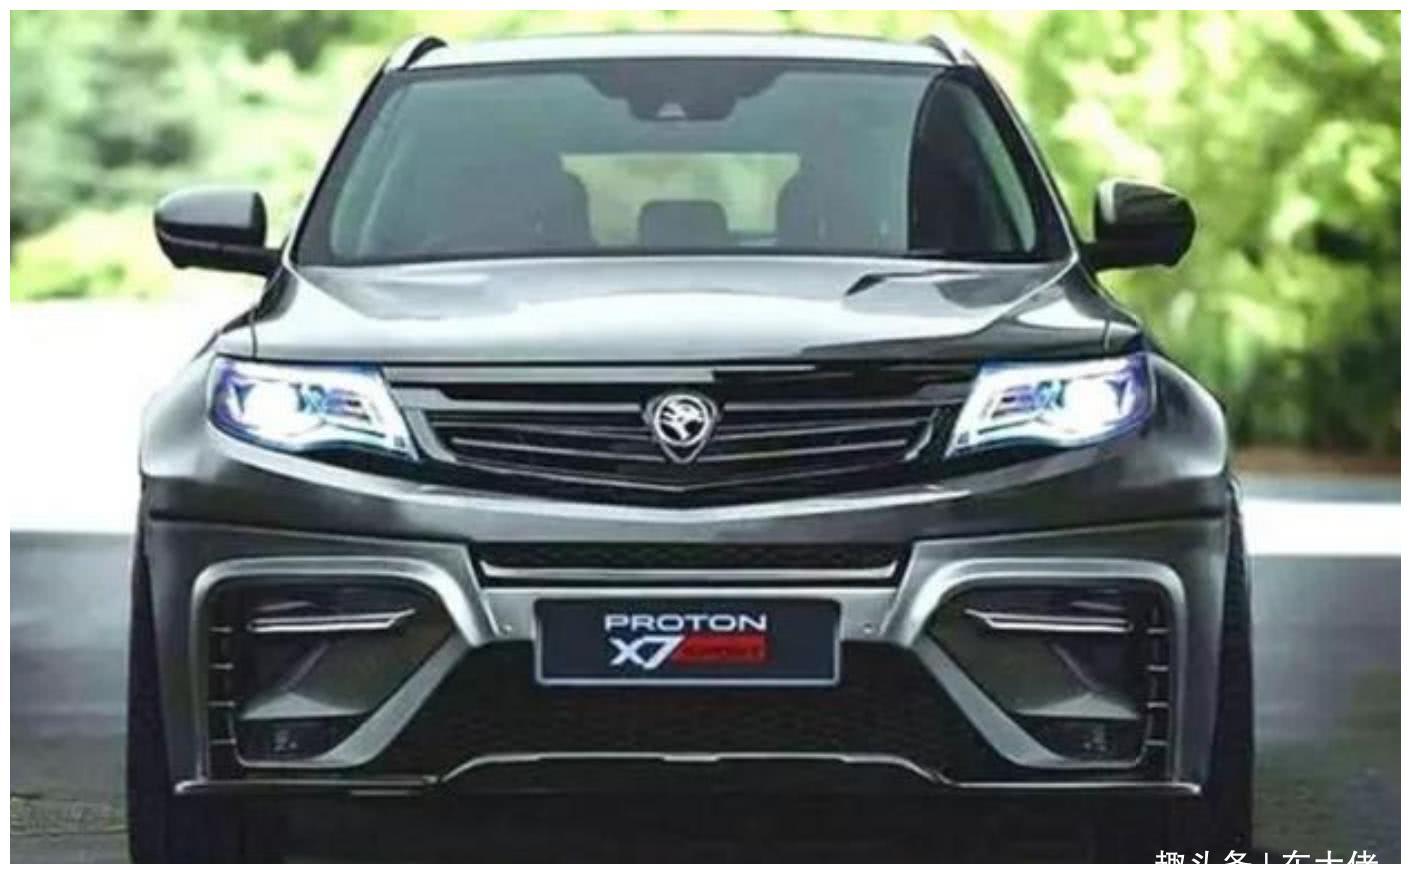 吉利放大招了,全新SUV比哈弗H6还美,配虎头车标,或10万